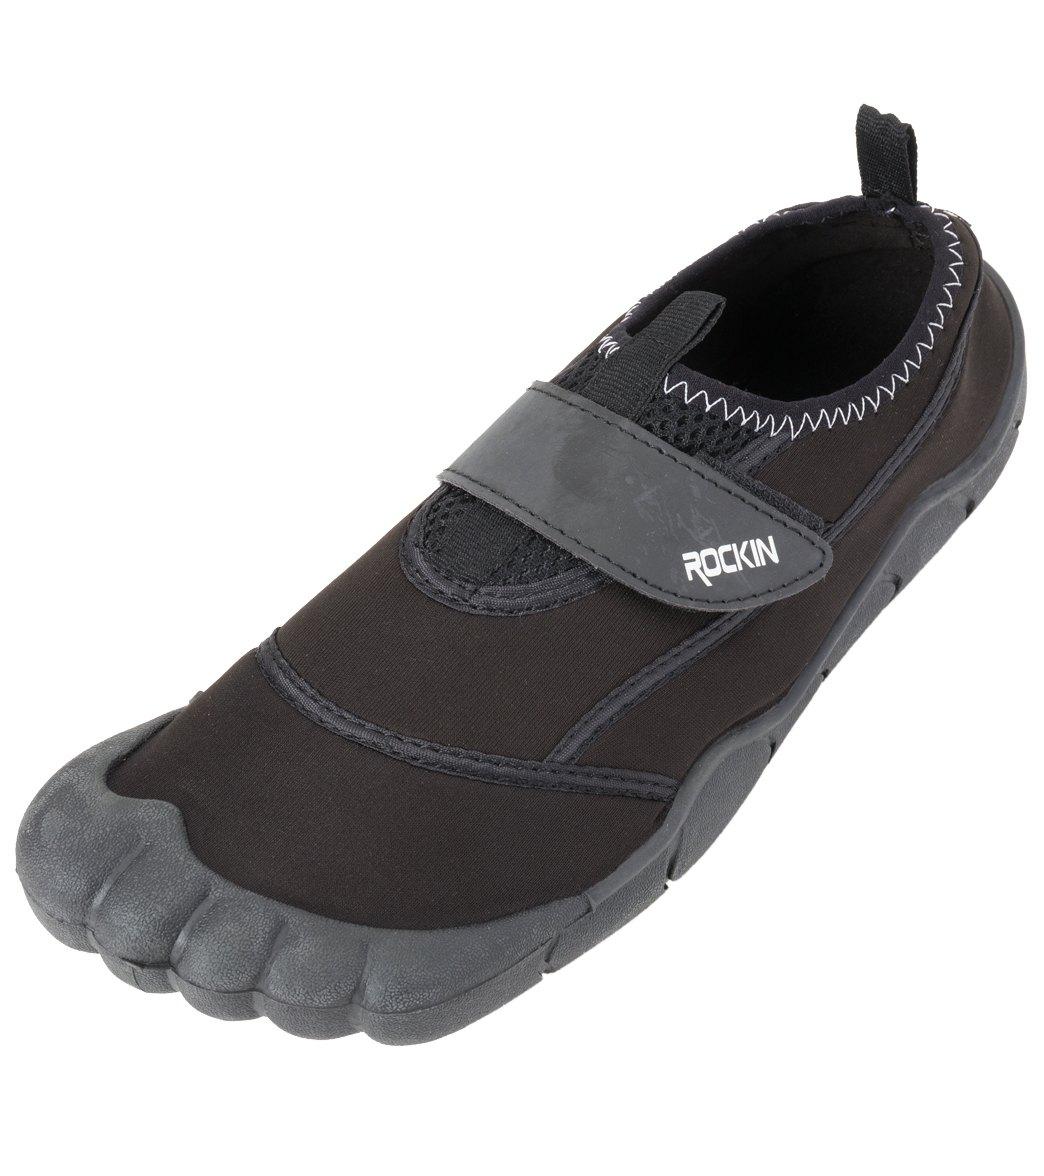 0ae5c2b7f38a Rockin Footwear Men s Aqua Foot Water Shoes at SwimOutlet.com